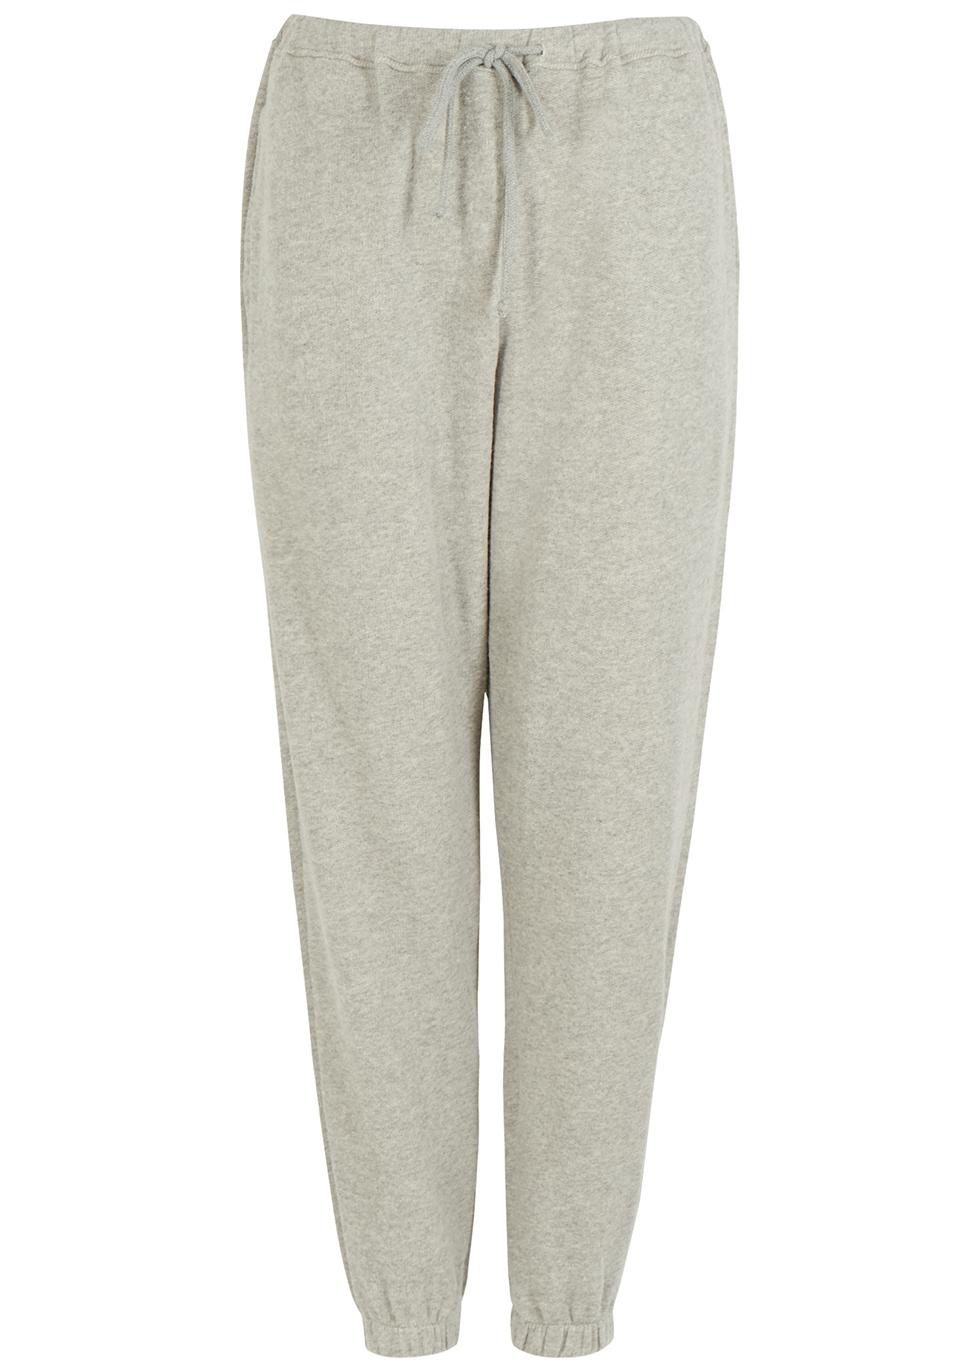 Neaford grey stretch-jersey sweatpants